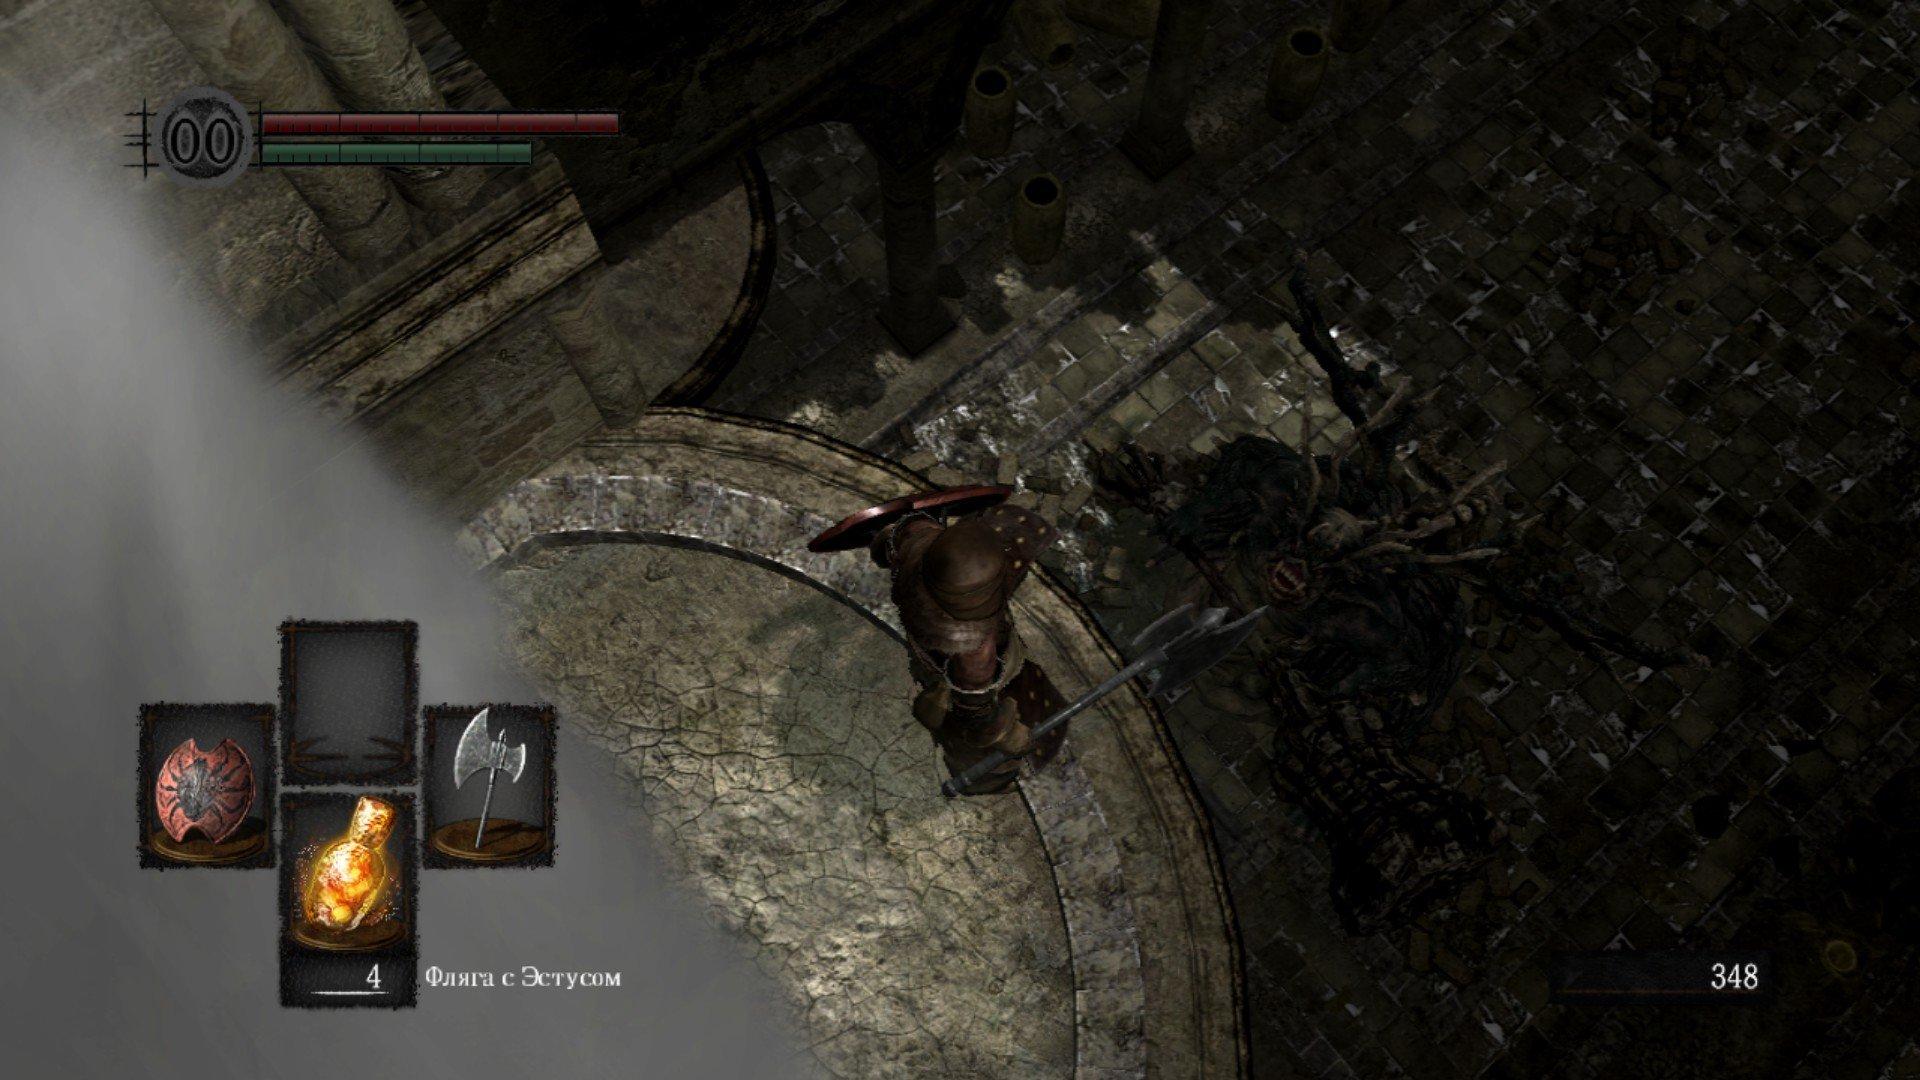 Вопль-прохождение Dark Souls часть 1 (ЗАПИСЬ) ... еще не решил, как это называть! - Изображение 4